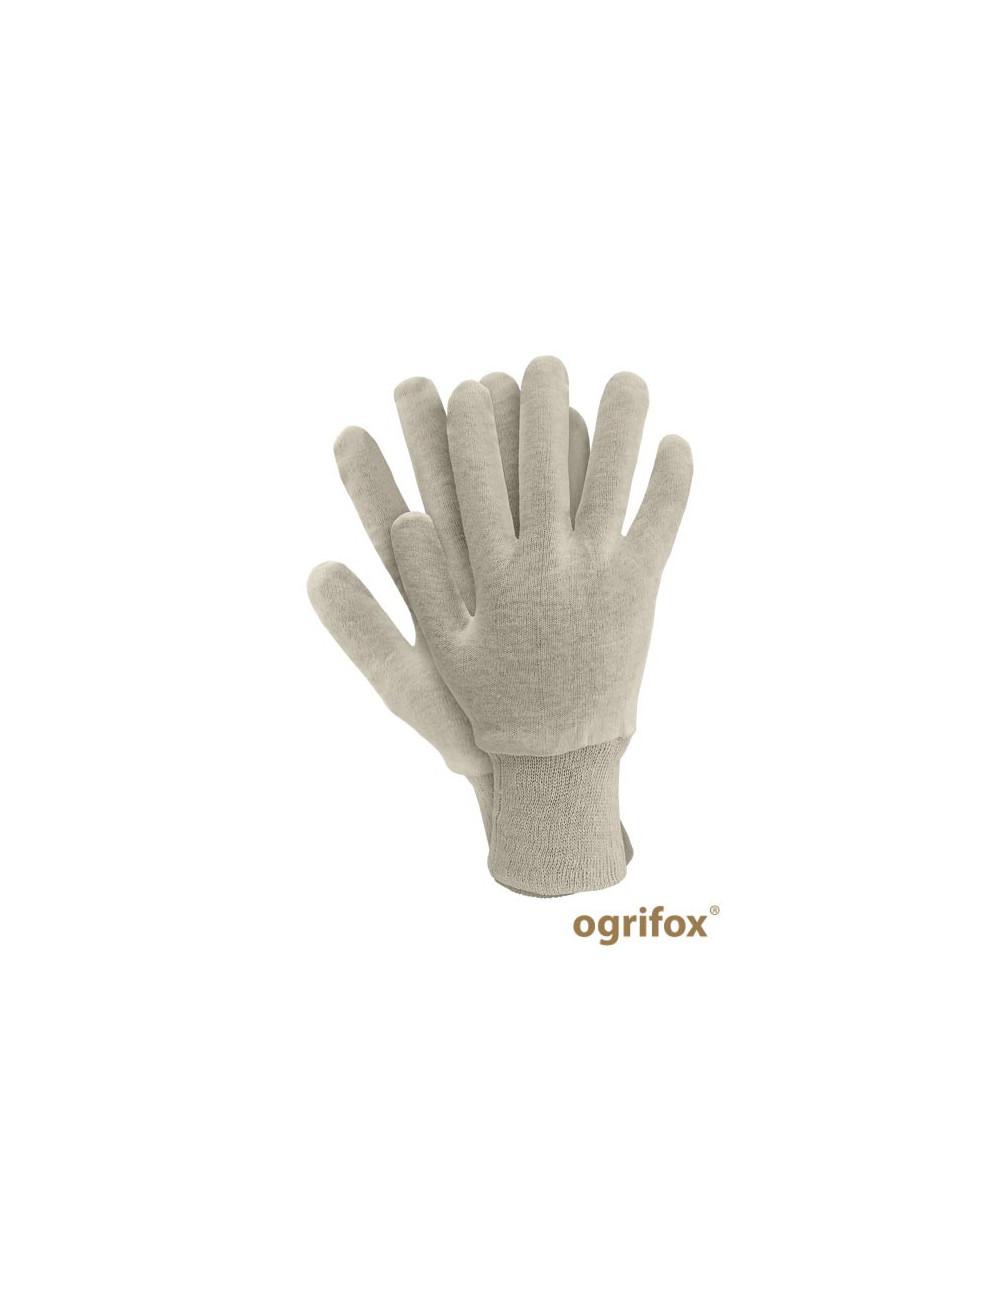 OGRIFOX RĘKAWICE OCHRONNE OX.11.711 UNDERS OX-UNDERS E ECRU